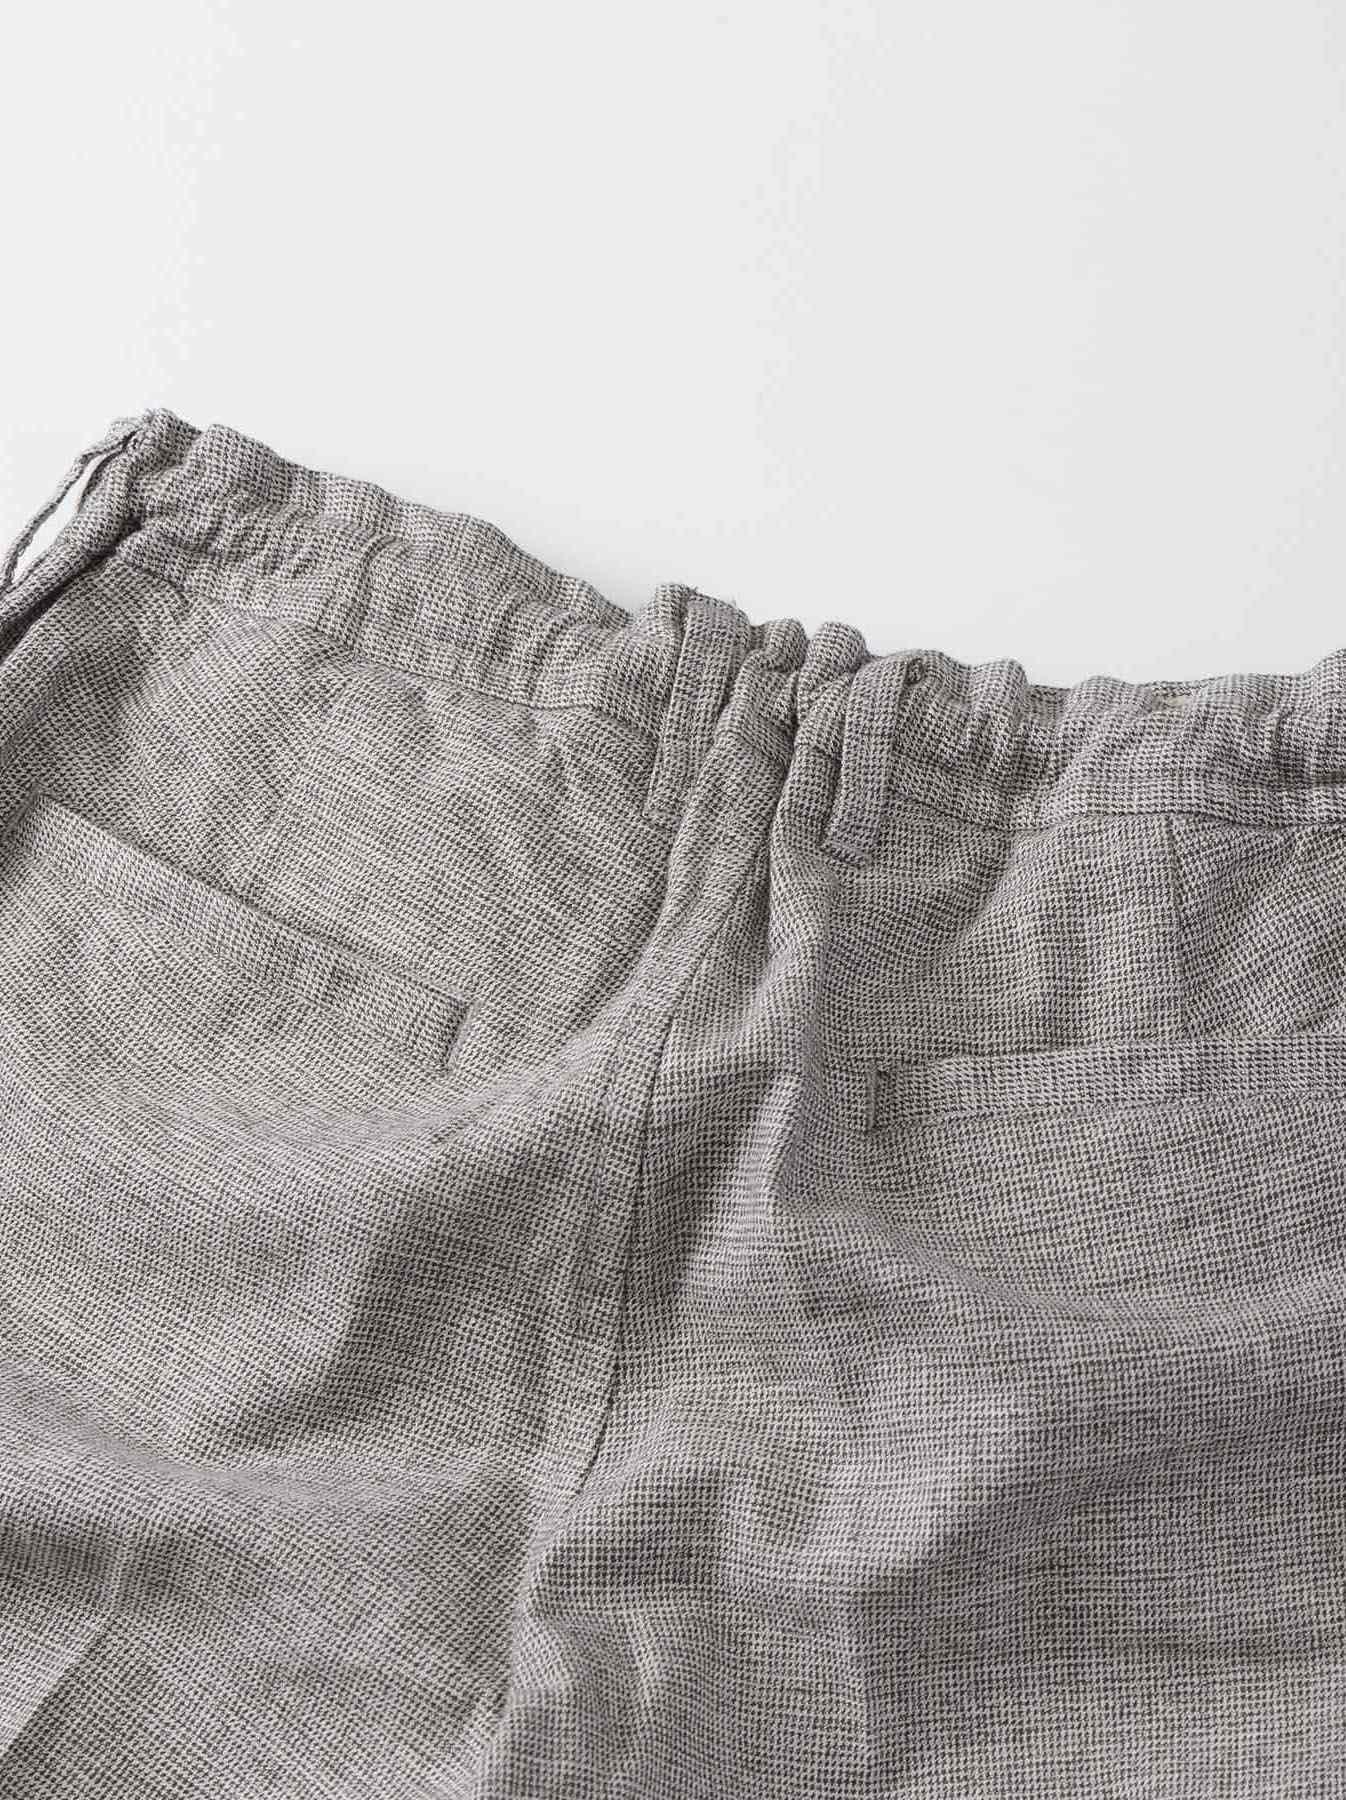 WH Cotton Tweed 908 Easy Slacks-7